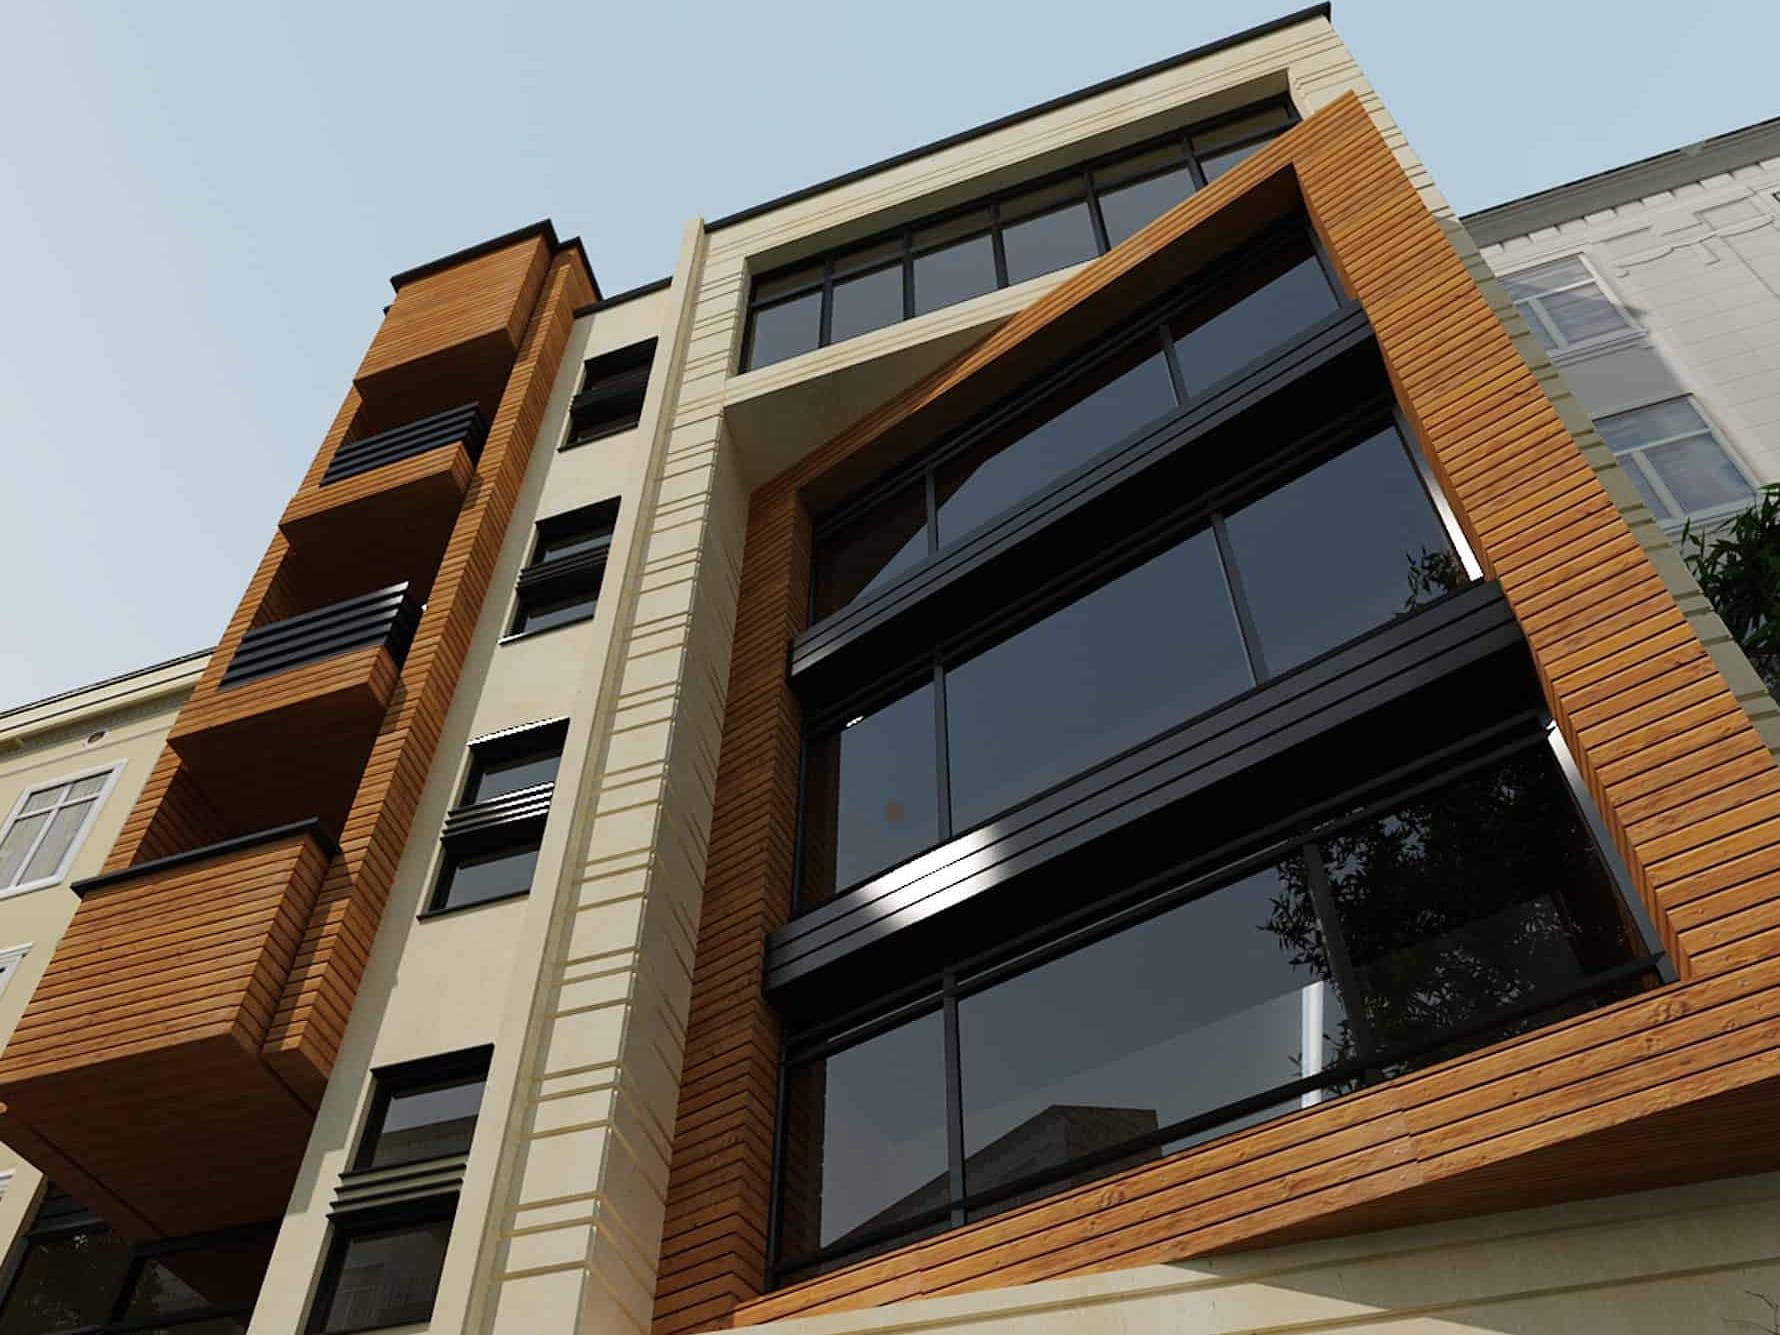 پروژه معماری و طراحی مدرن مجتمع مسکونی باران